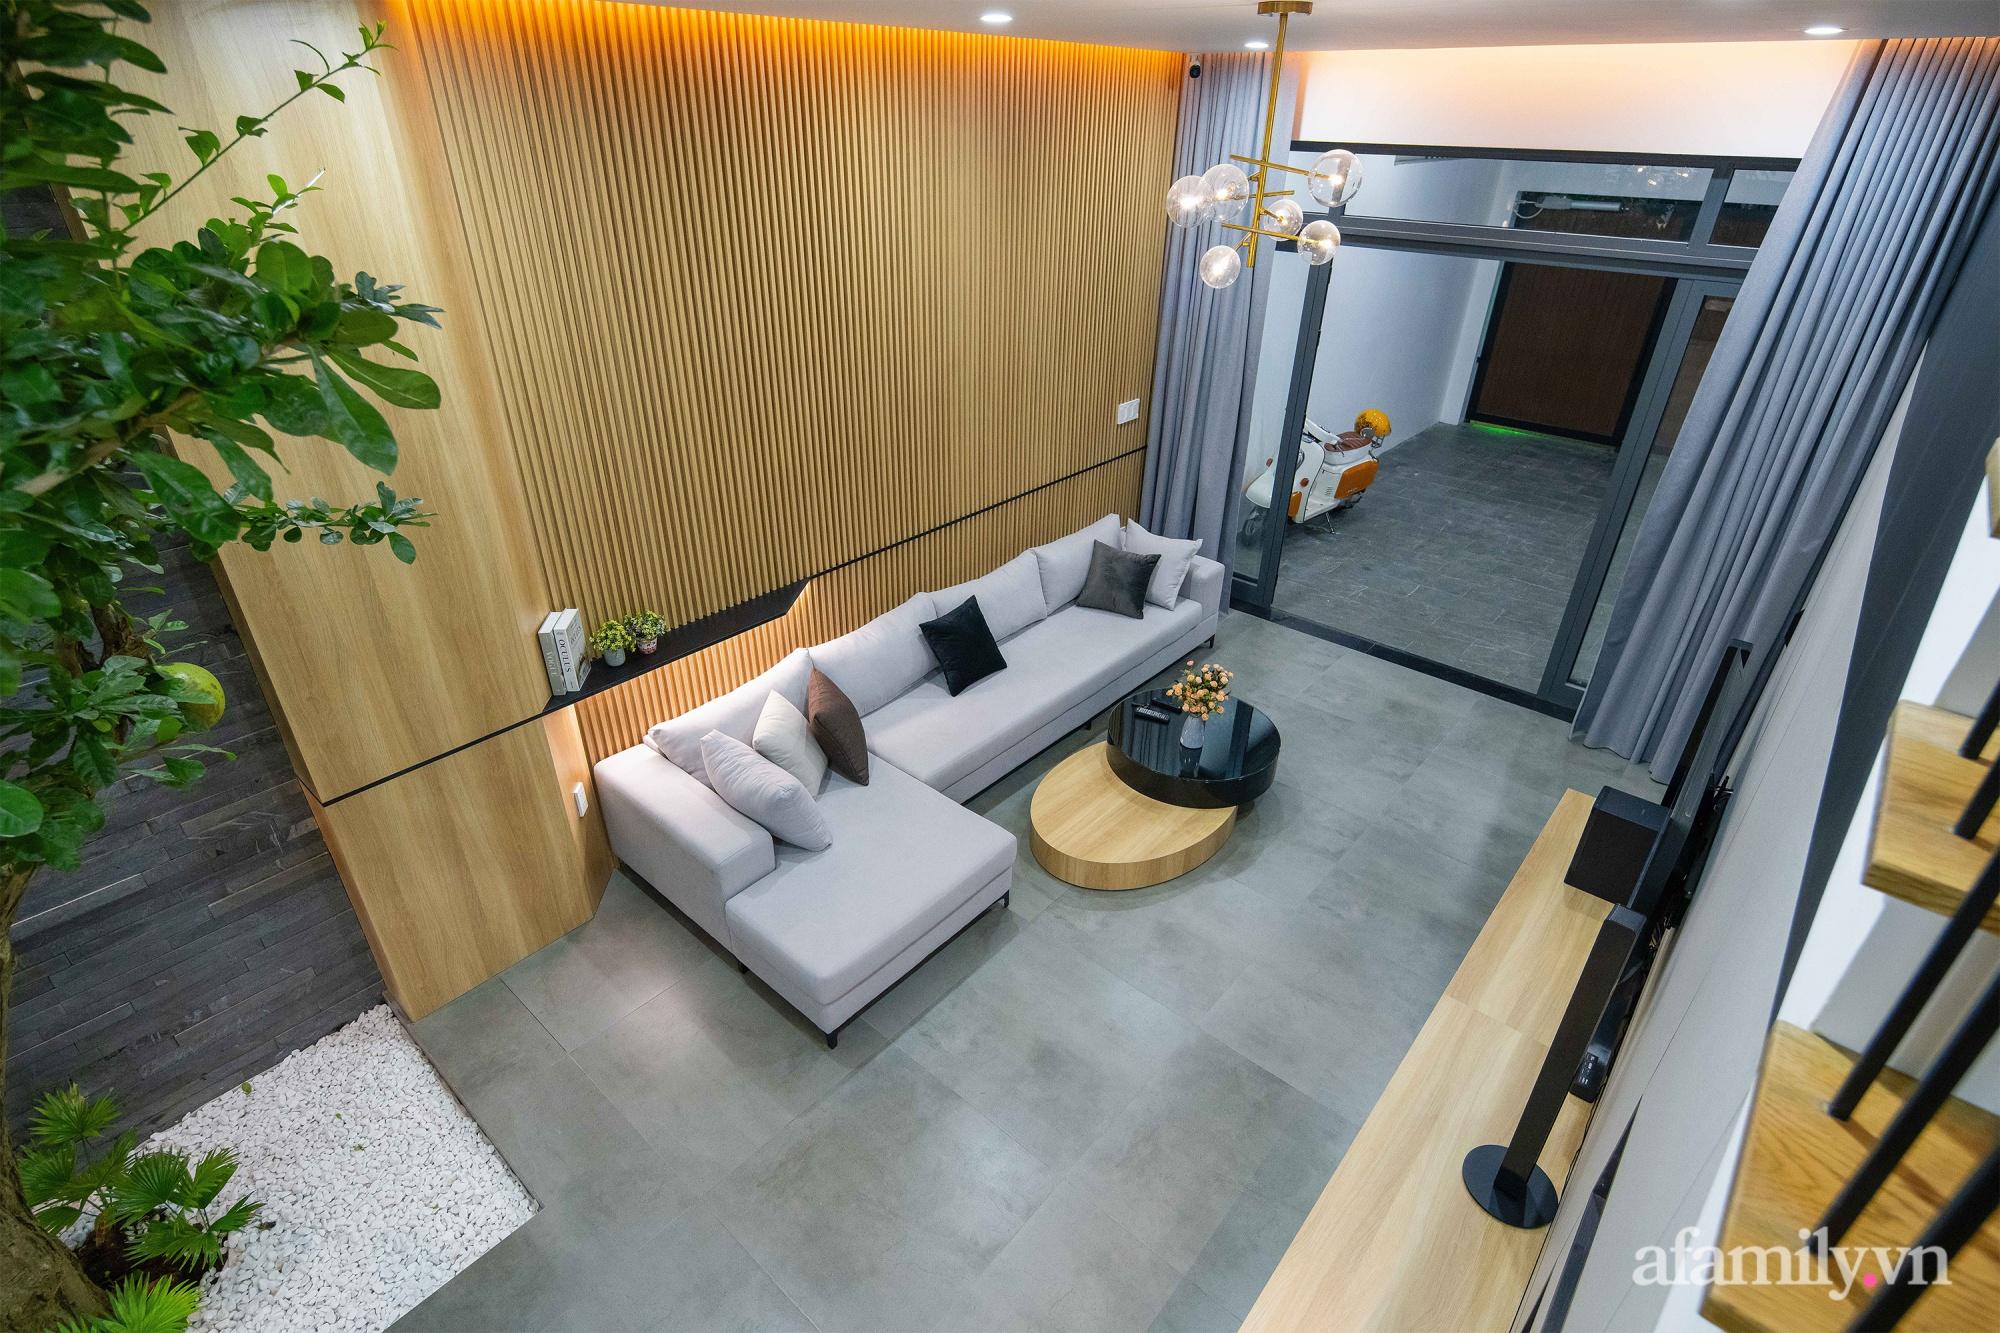 Nhà phố 3 tầng đẹp hiện đại với phong cách tối giản ngập tràn ánh sáng và cây xanh ở Đà Nẵng - Ảnh 4.